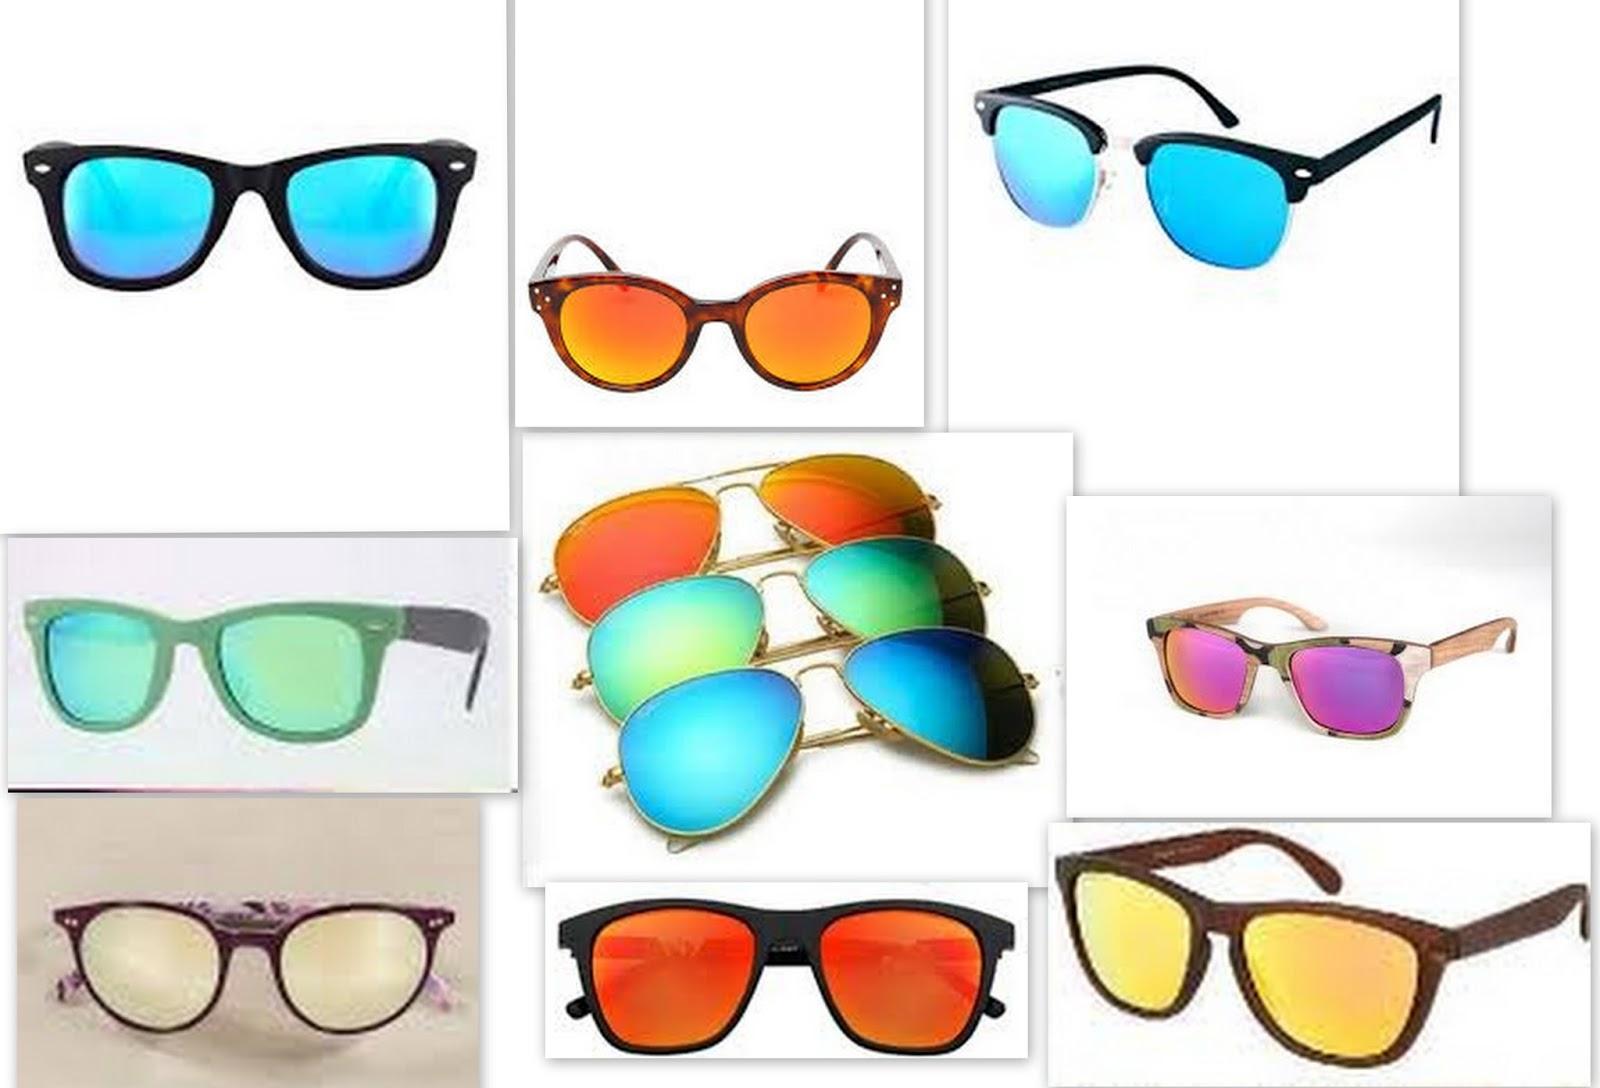 Oakley lenti colorate prezzo gallo - Occhiali con lenti a specchio colorate ...